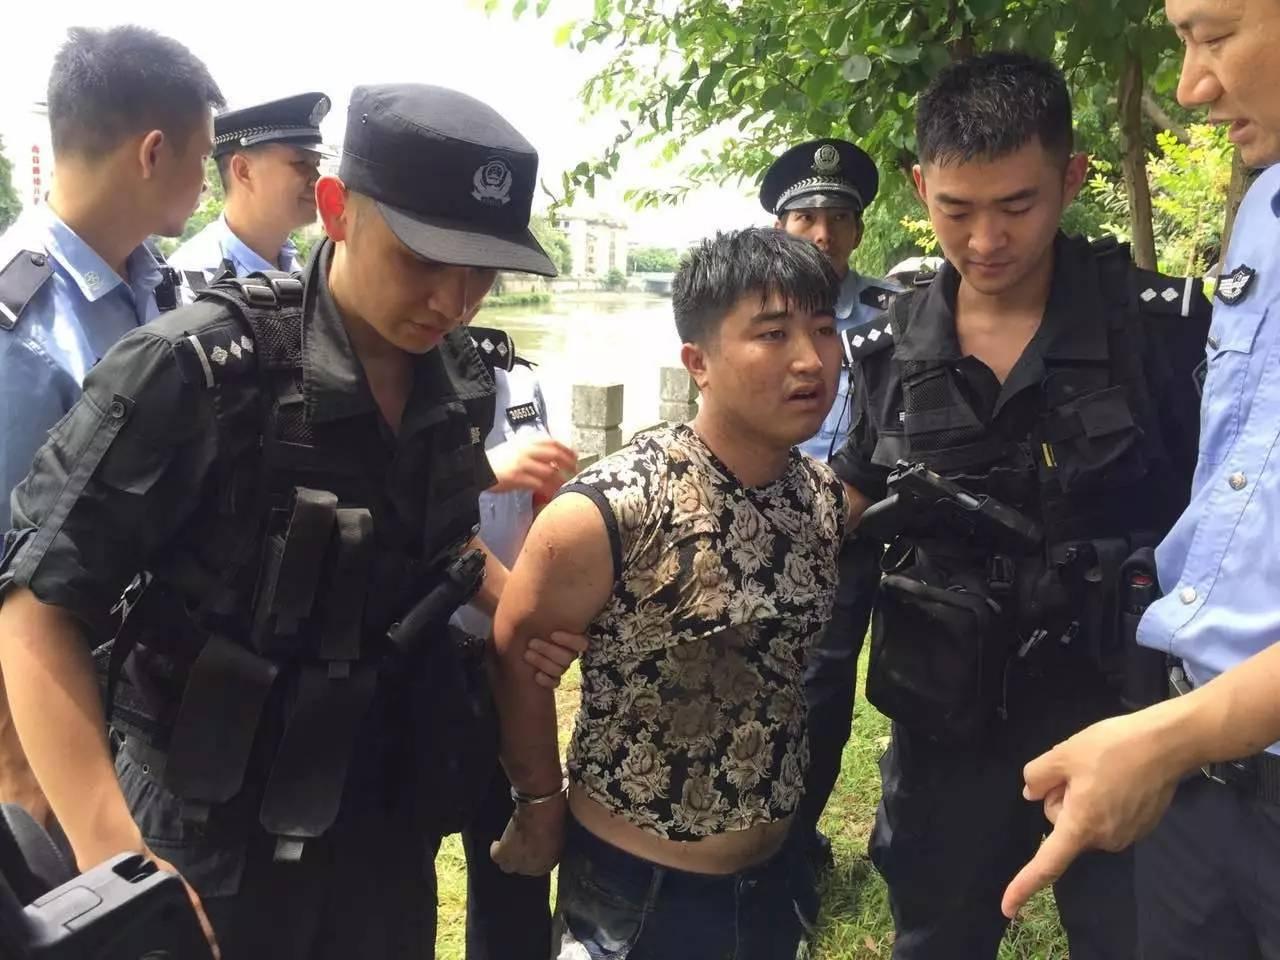 广州情人取证调查_广州黑人影像调查③_广州增城发生人员聚集滋事事件 25人被调查有哪些人